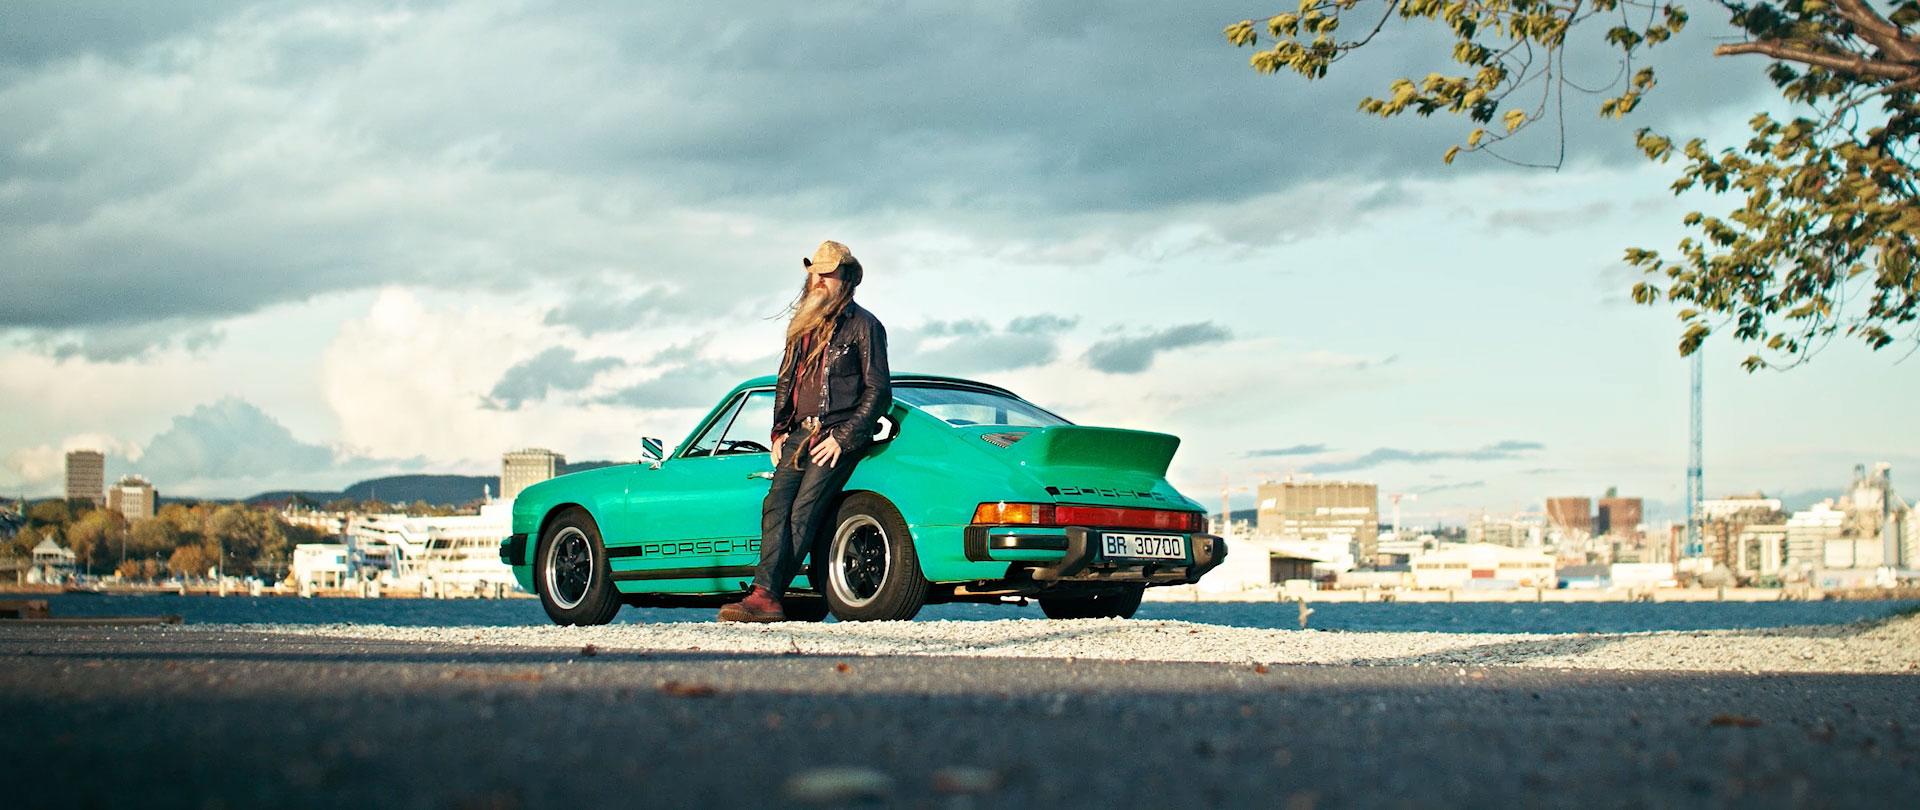 Han eier noenavverdensråeste Porscher.MøtTheUrbanOutlawher